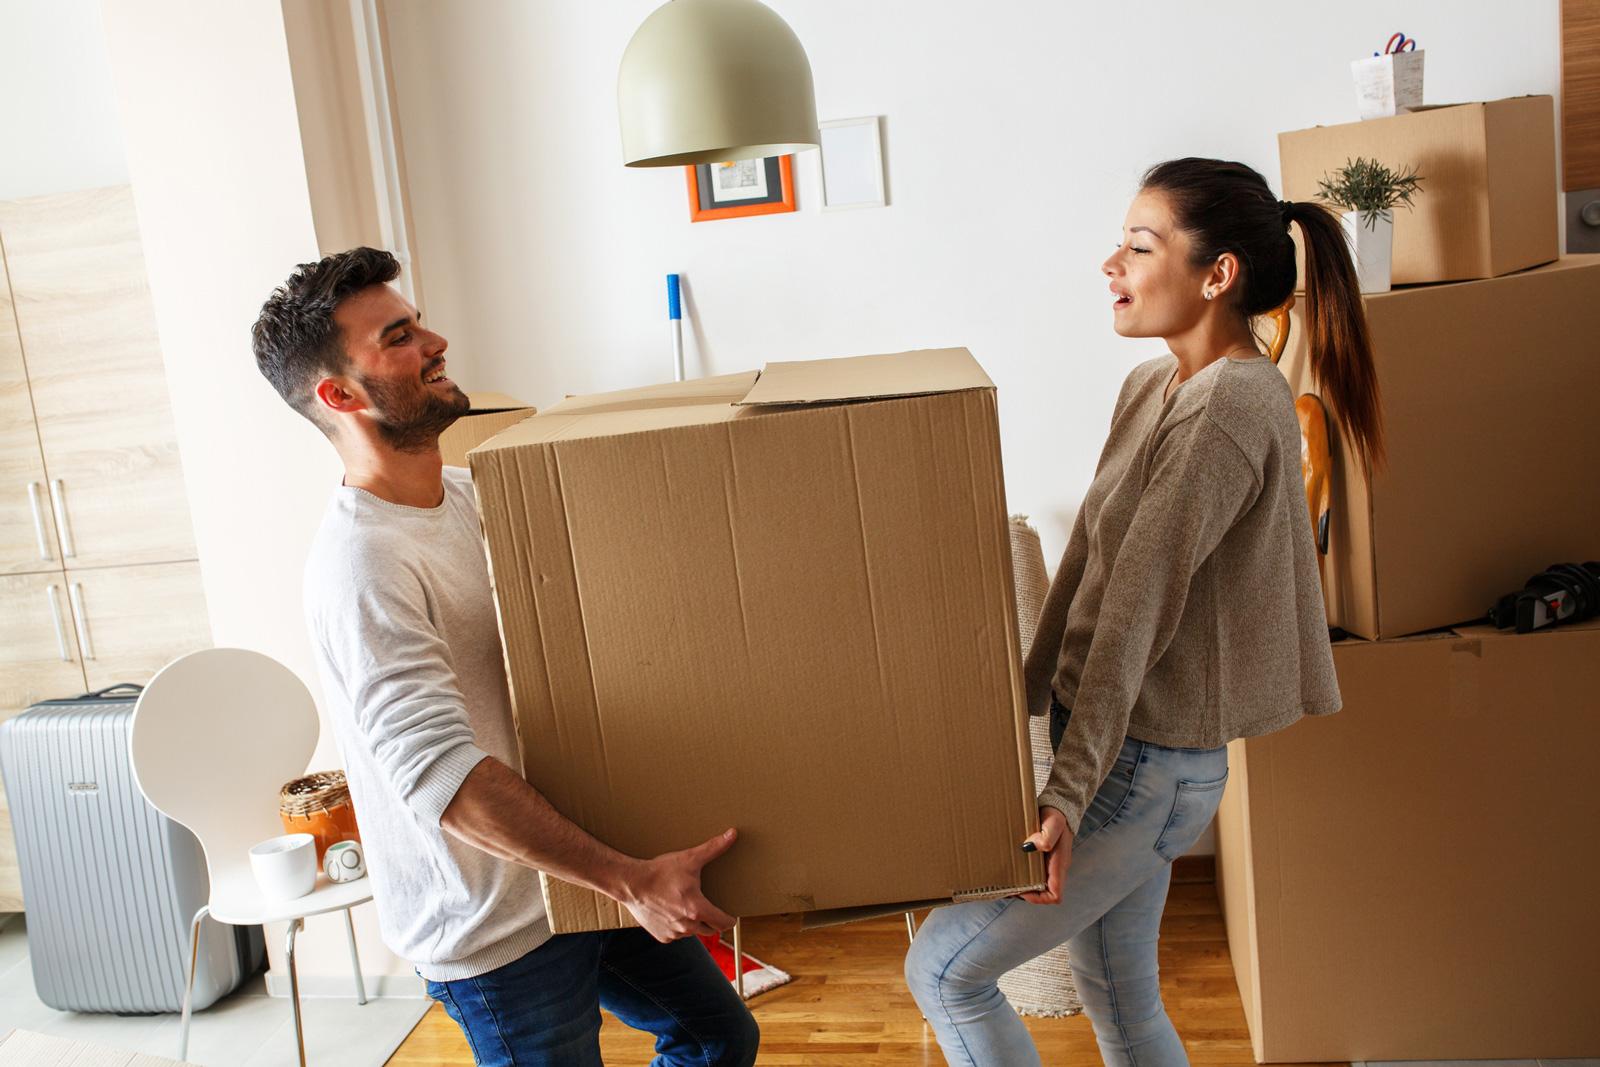 Teamwork: Gemeinsam den Hausbau zu stemmen klappt auch ohne Ring am Finger. Doch was passiert, wenn die Beziehung zerbricht?